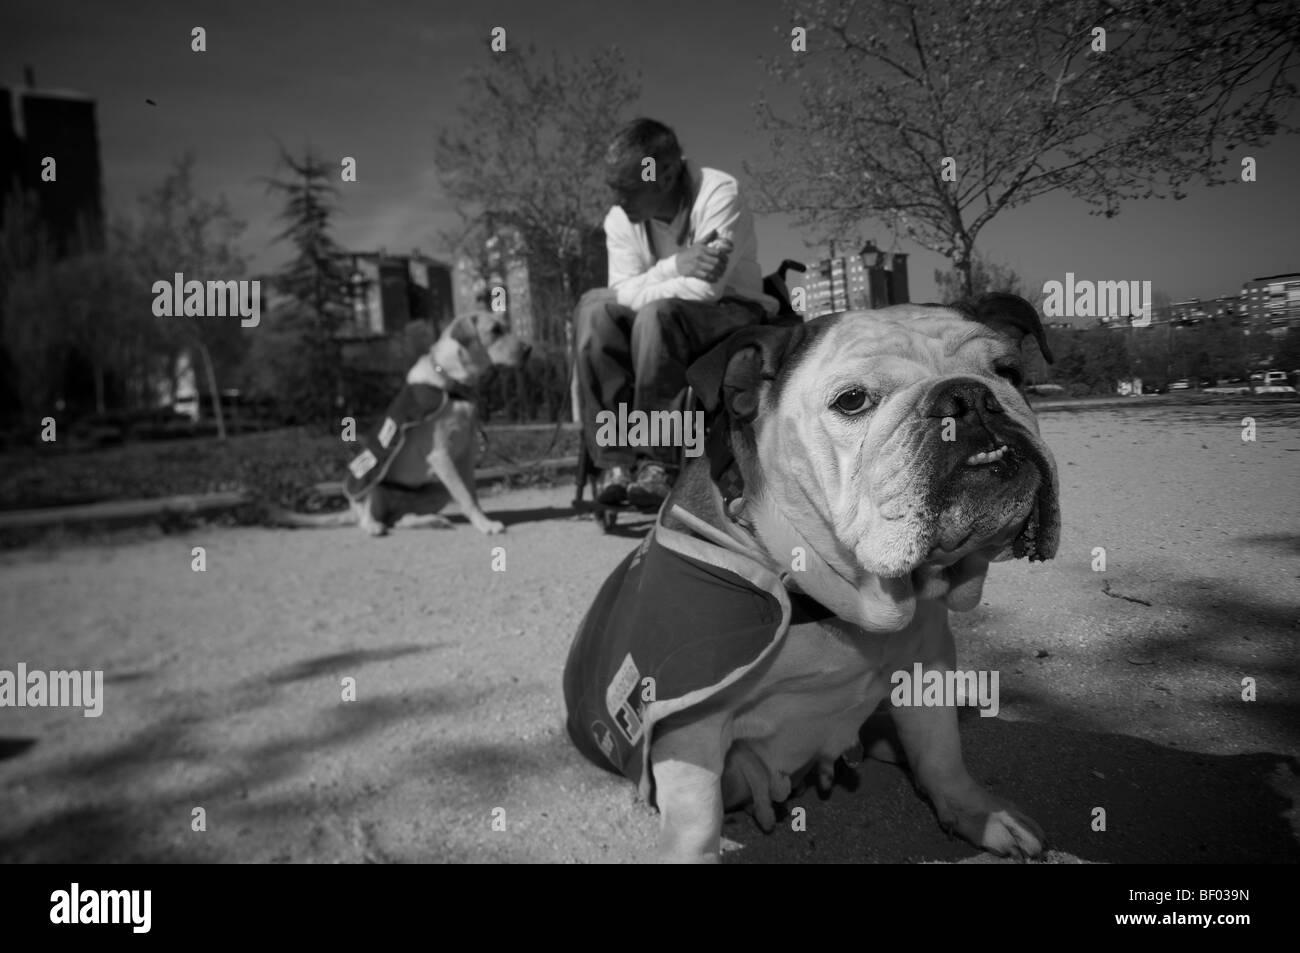 Wheelchair bound dog trainer - Stock Image